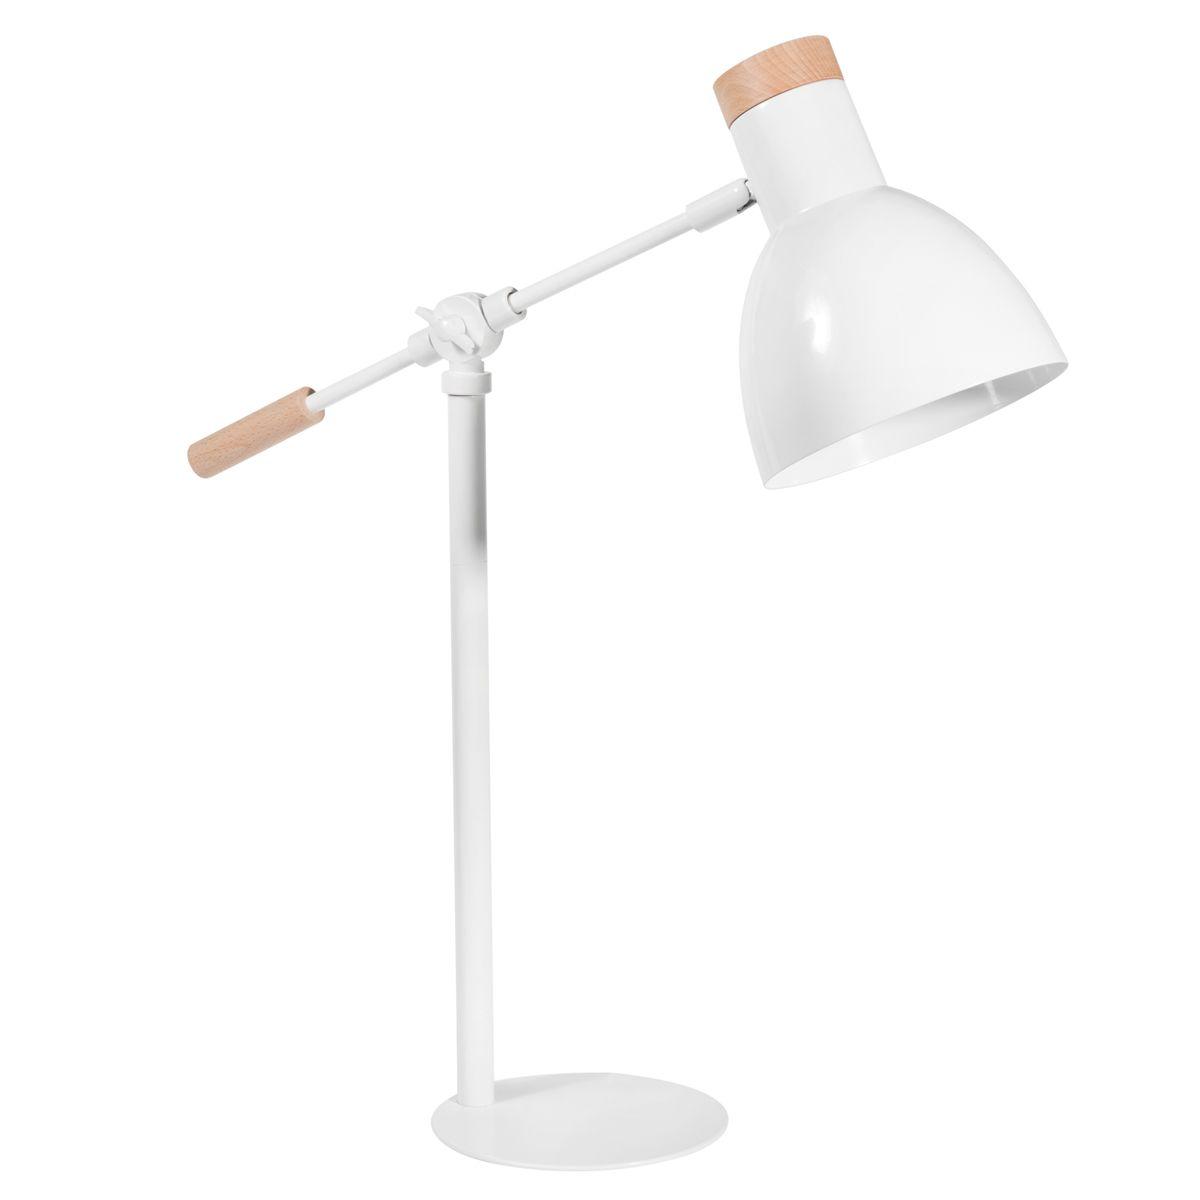 L mpara articulada de metal y madera blanca 55 cm de alto for Lampara blanca ikea